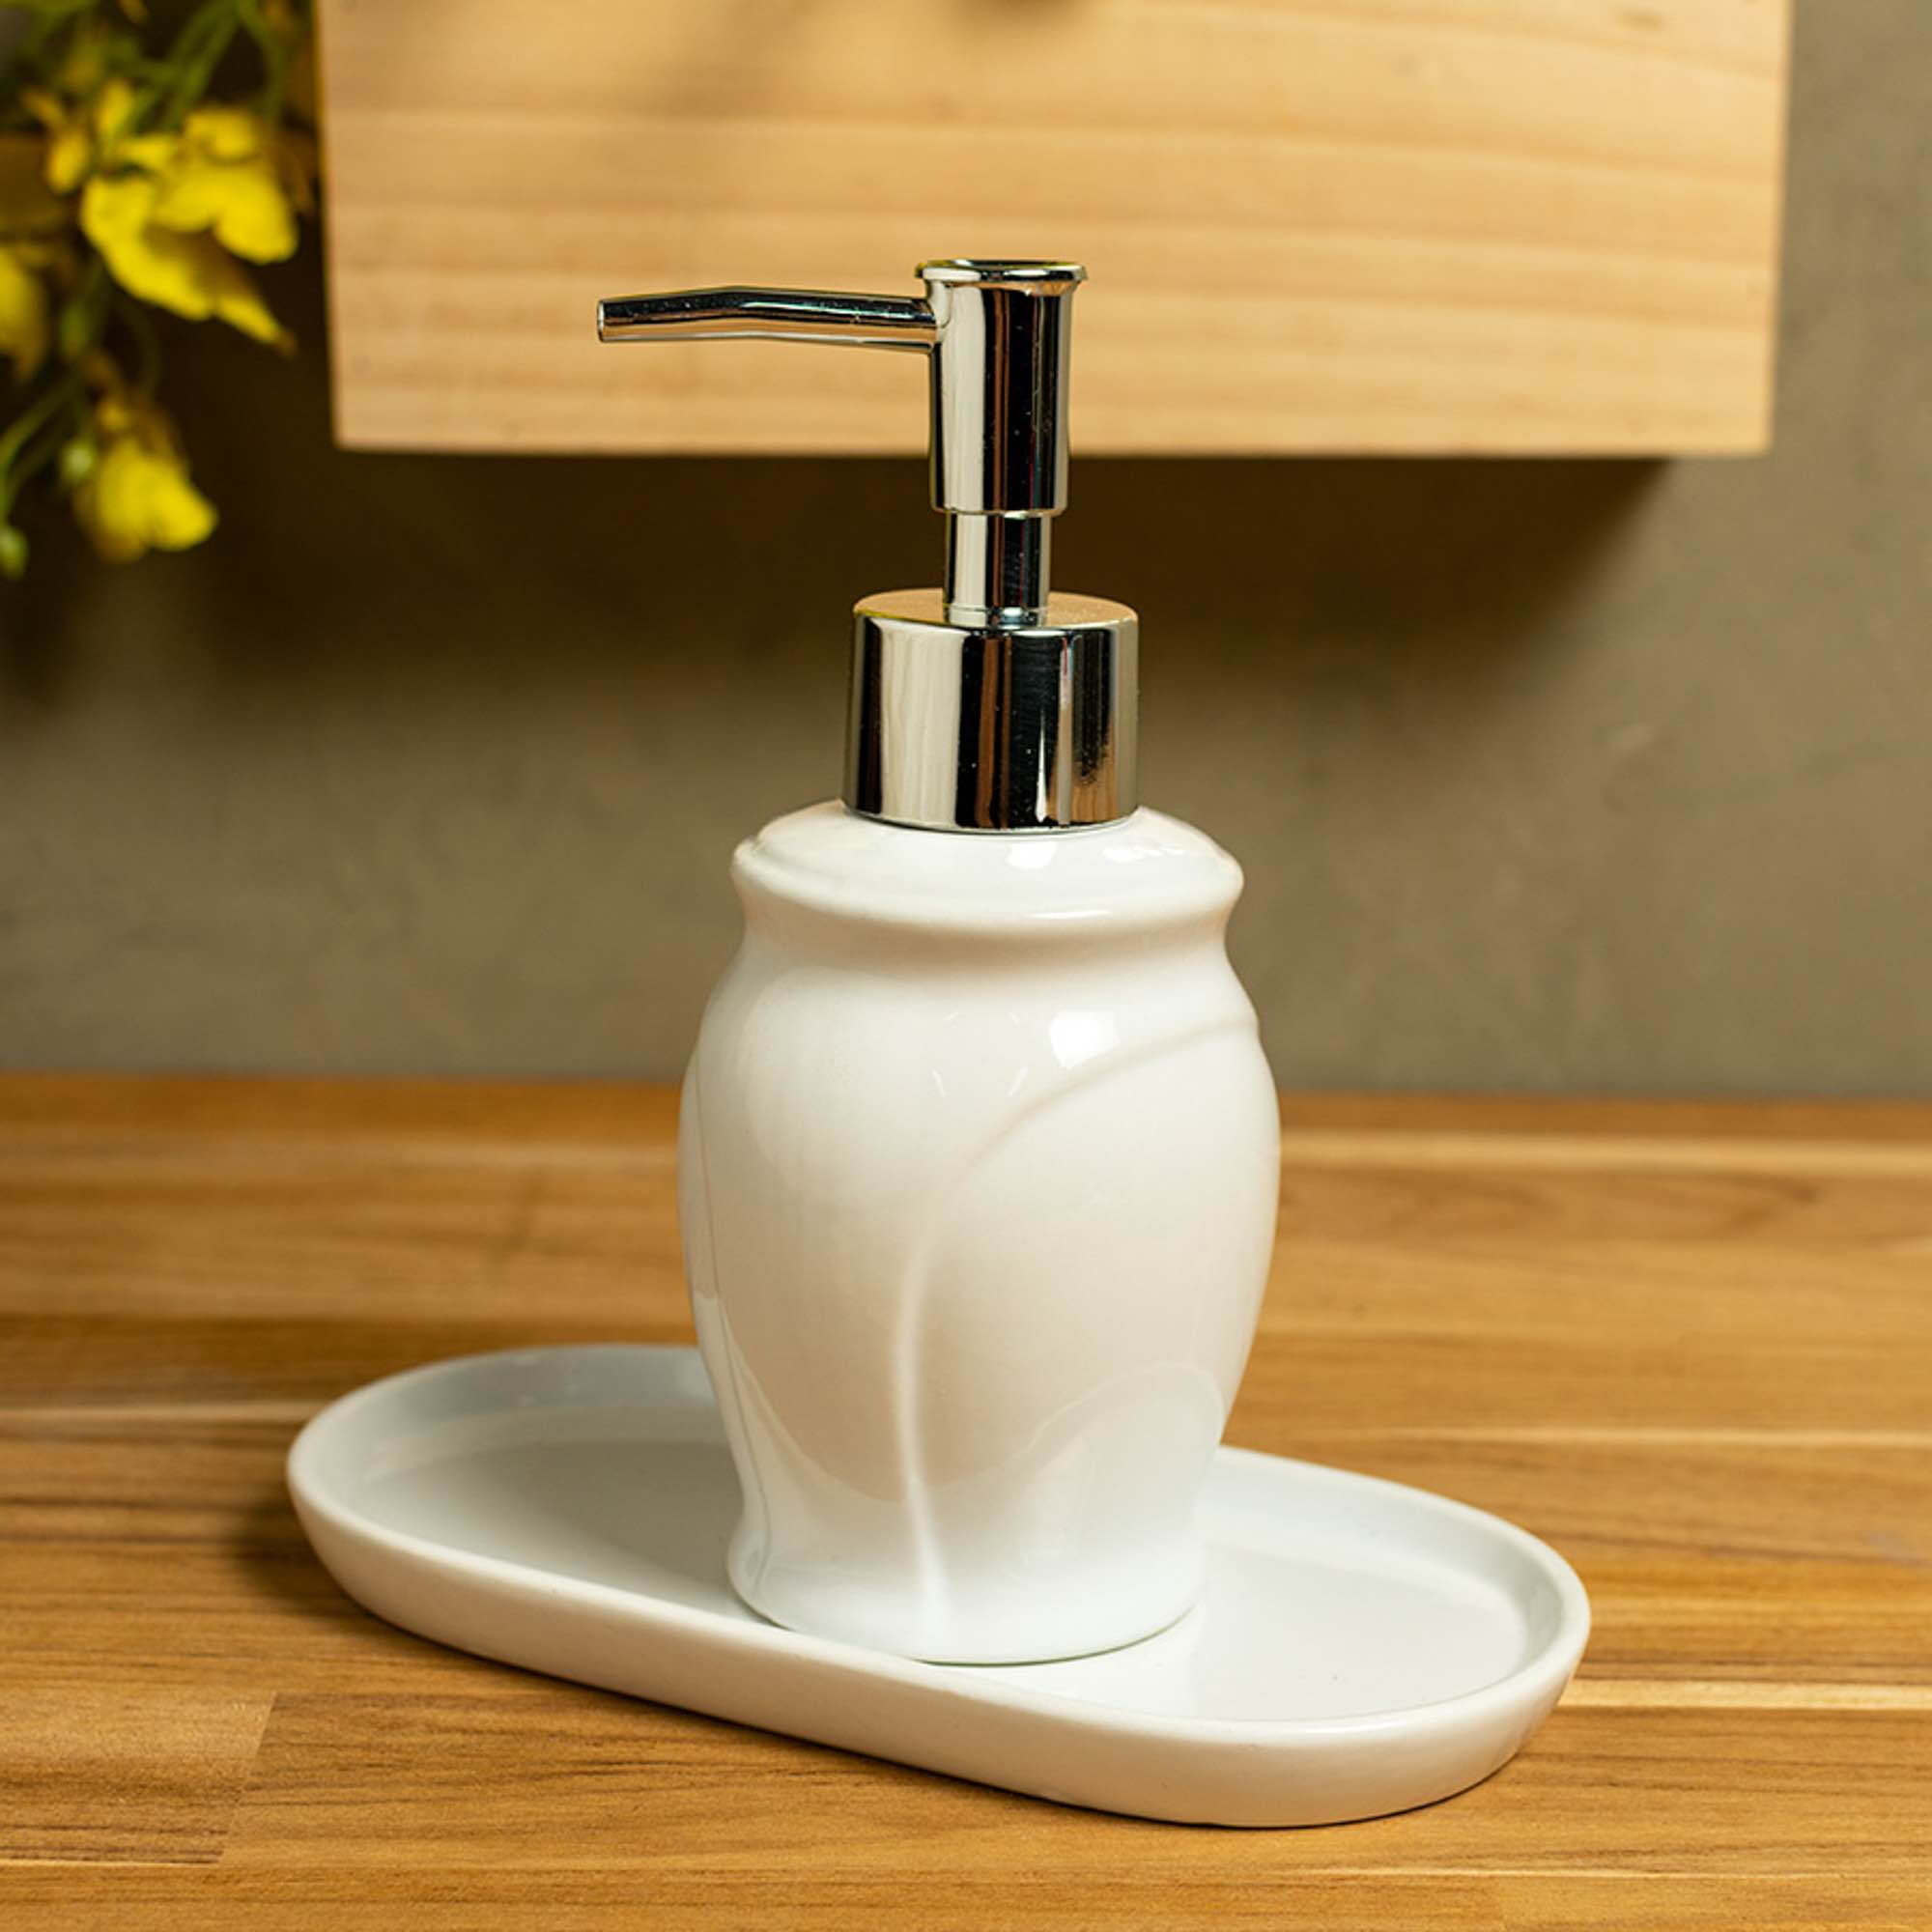 Conjunto de 3 peças para banheiro Cerâmica Paris Branco e Prateado